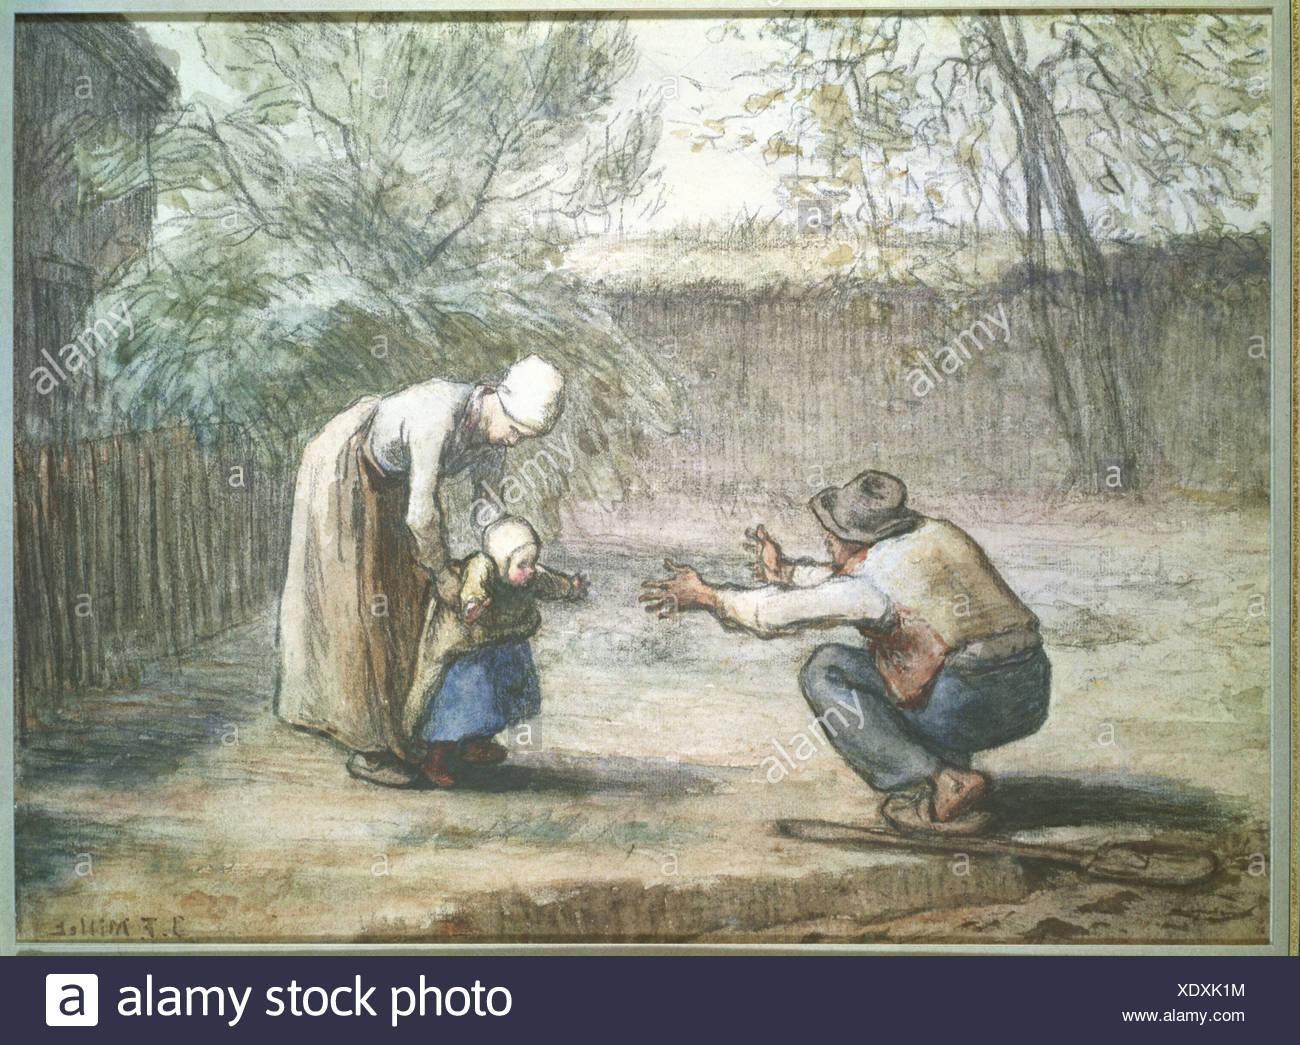 """""""Belle Arti, miglio, Jean-Francois (1814 - 1875), disegno, """"i primi passi"""", collezione privata, Augsburg, Francese, realismo, Sc Foto Stock"""